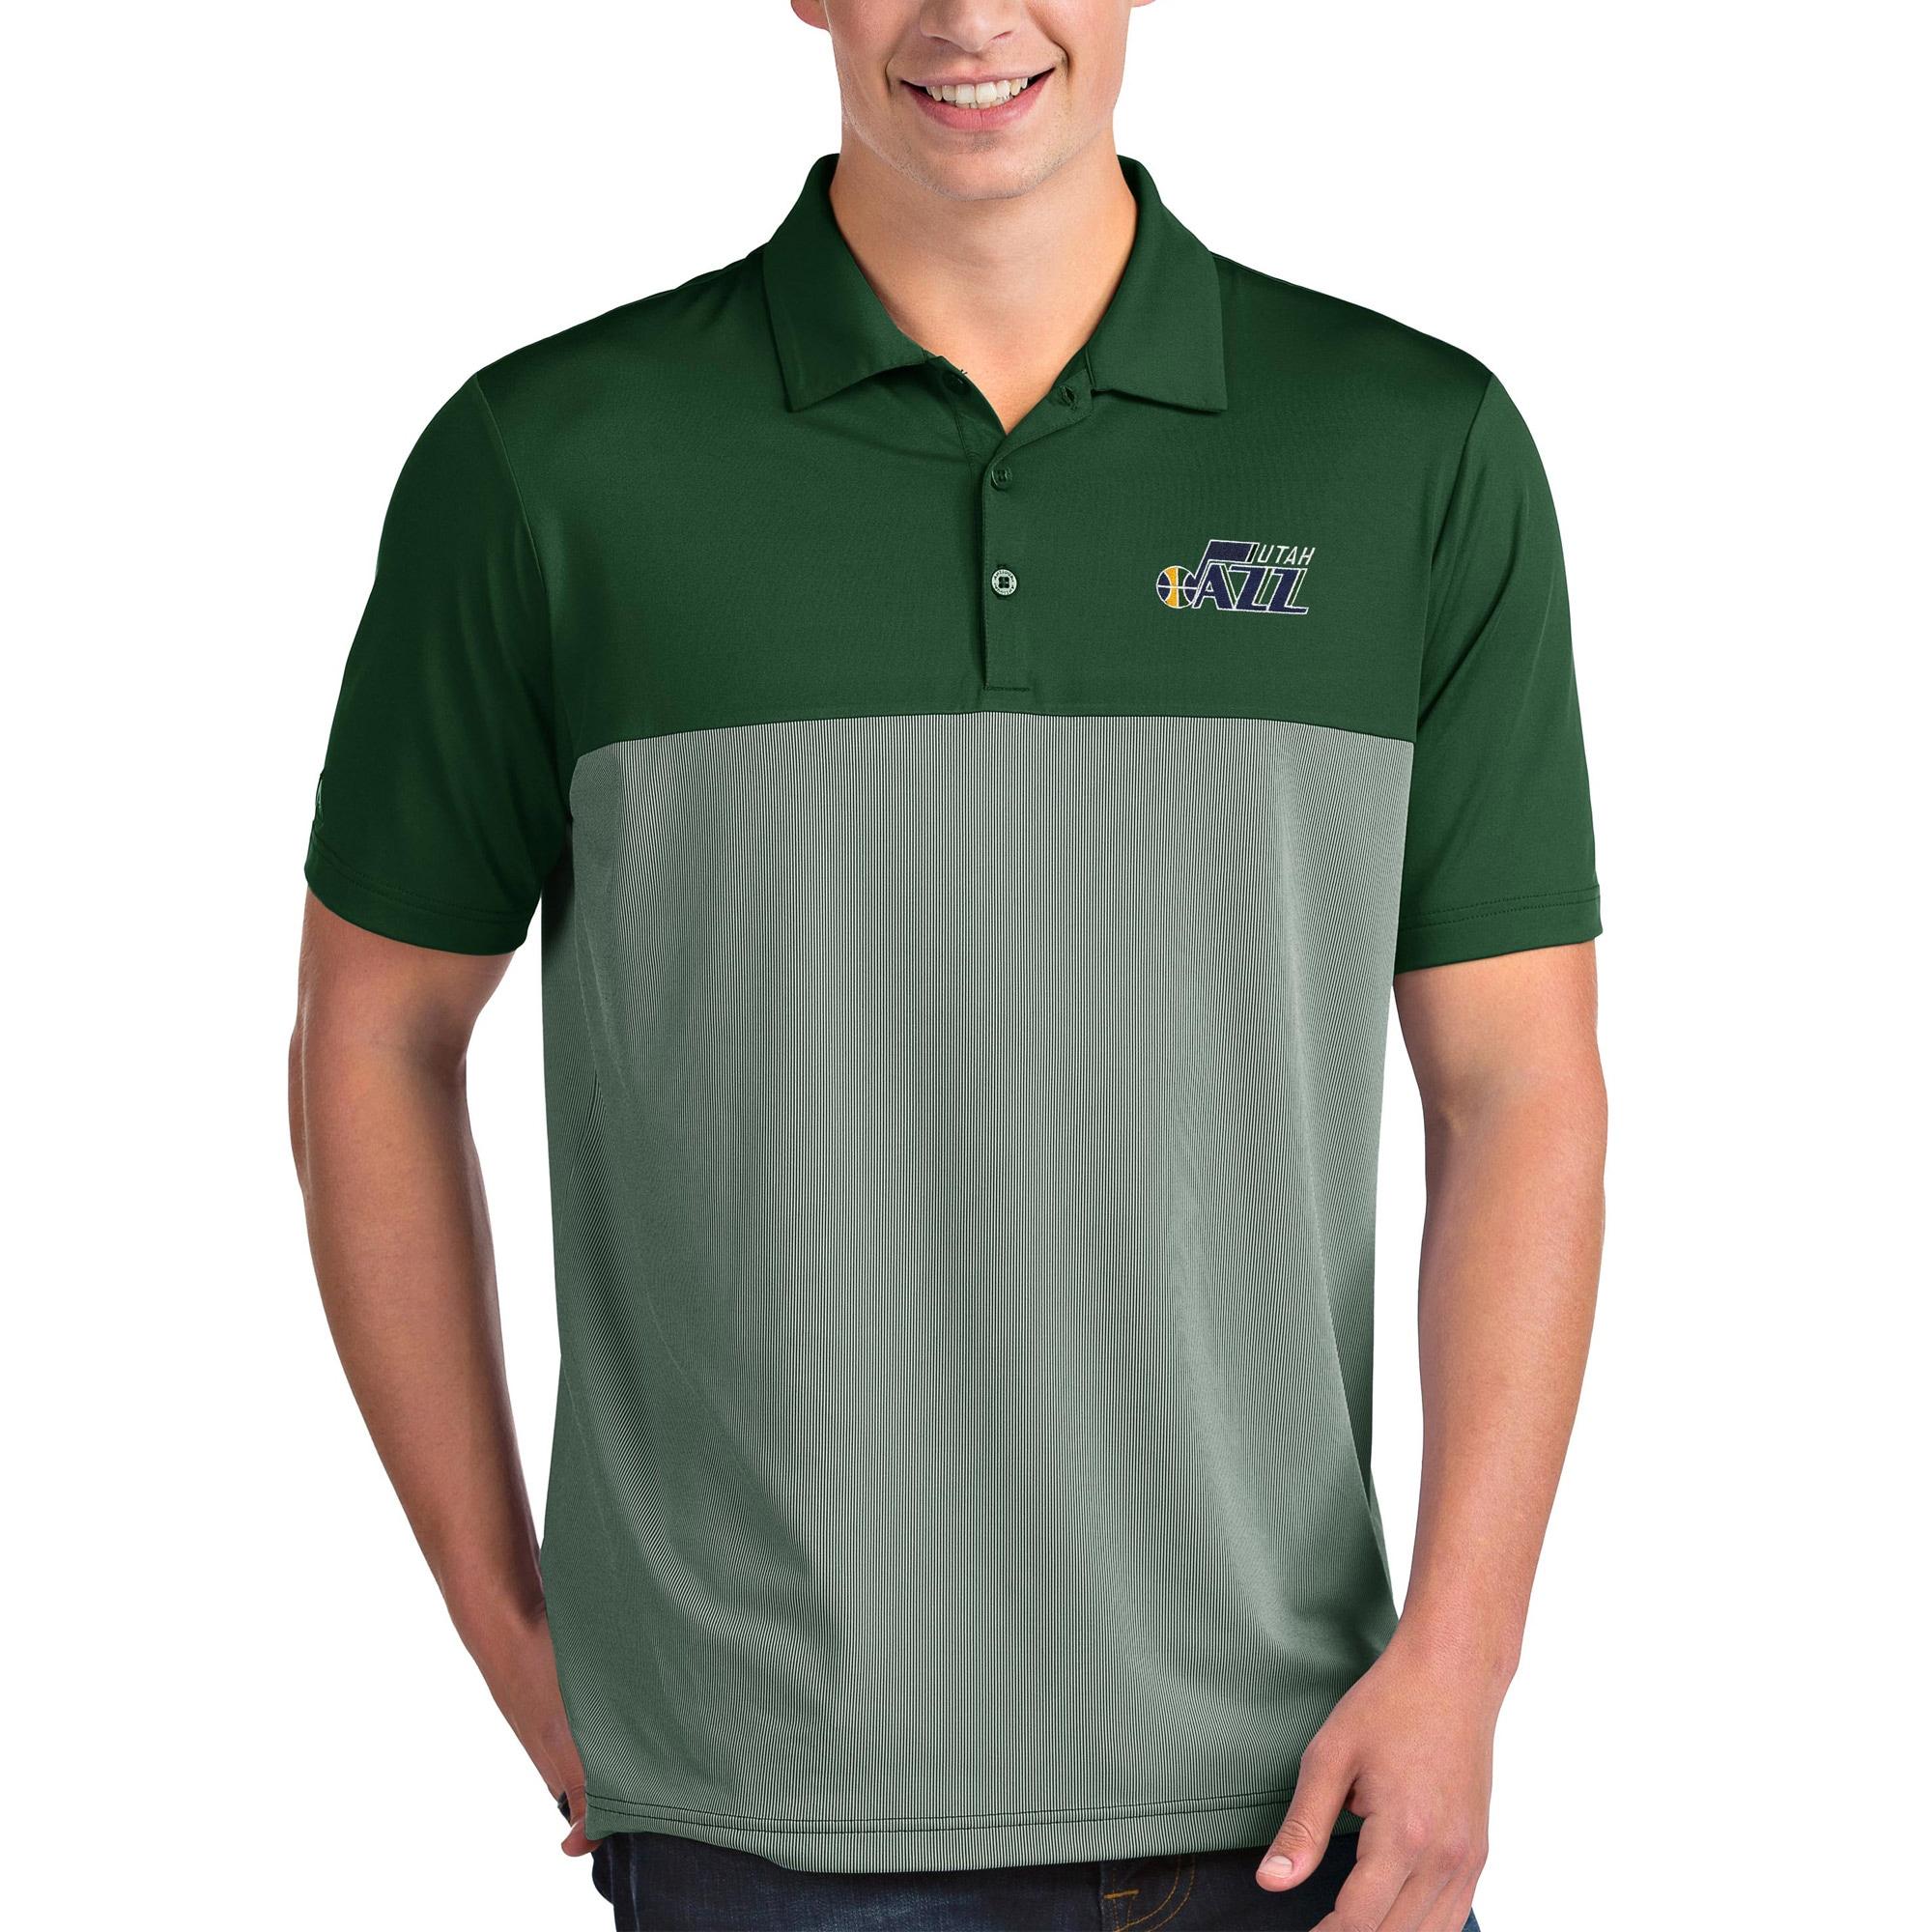 Utah Jazz Antigua Venture Polo - Green/White